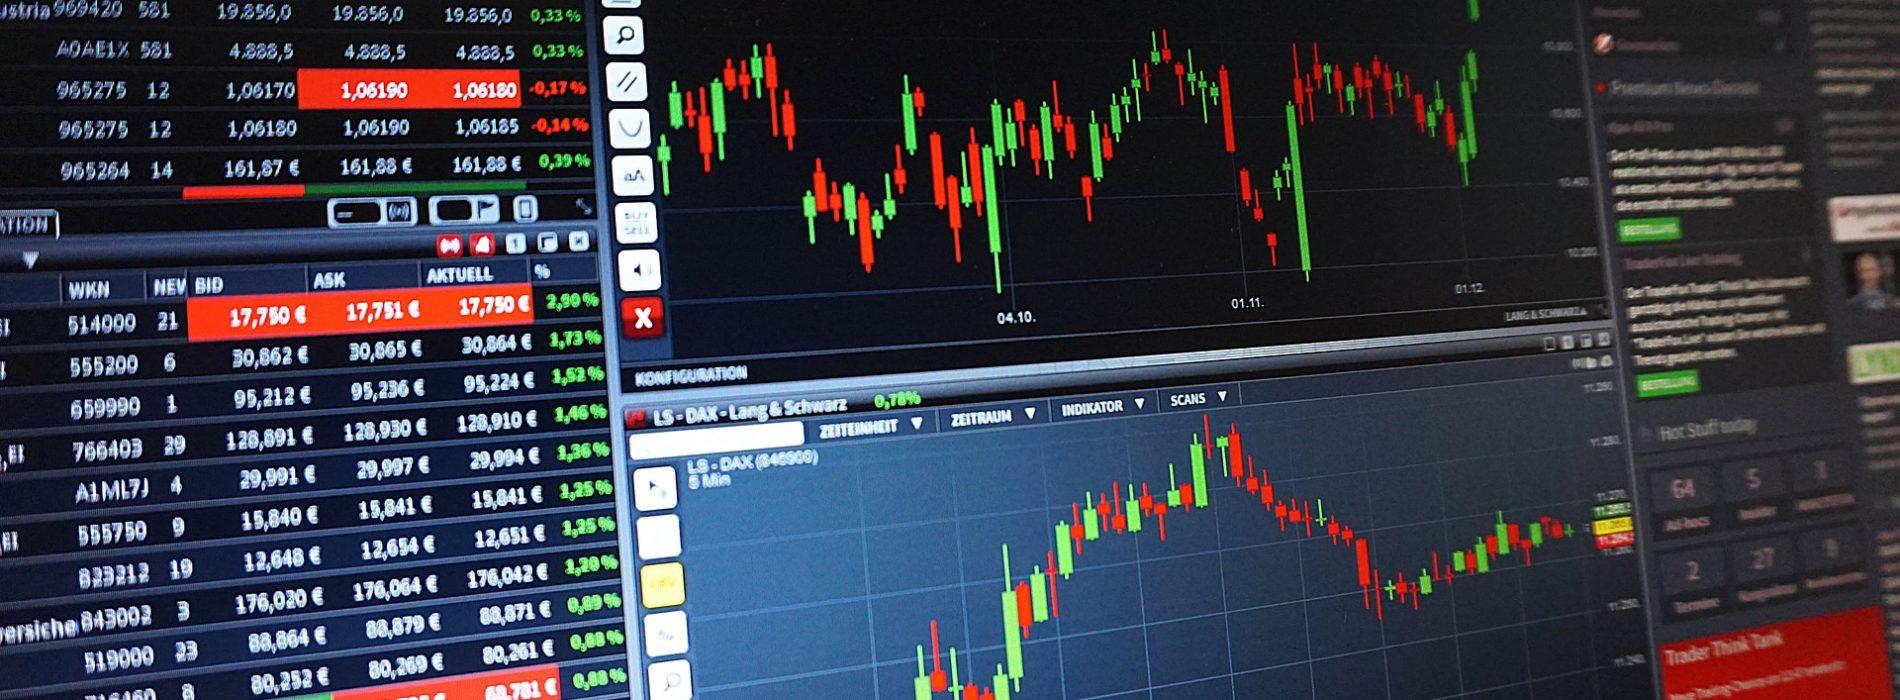 Czy rynek forex jest odpowiednim miejscem na biznes?